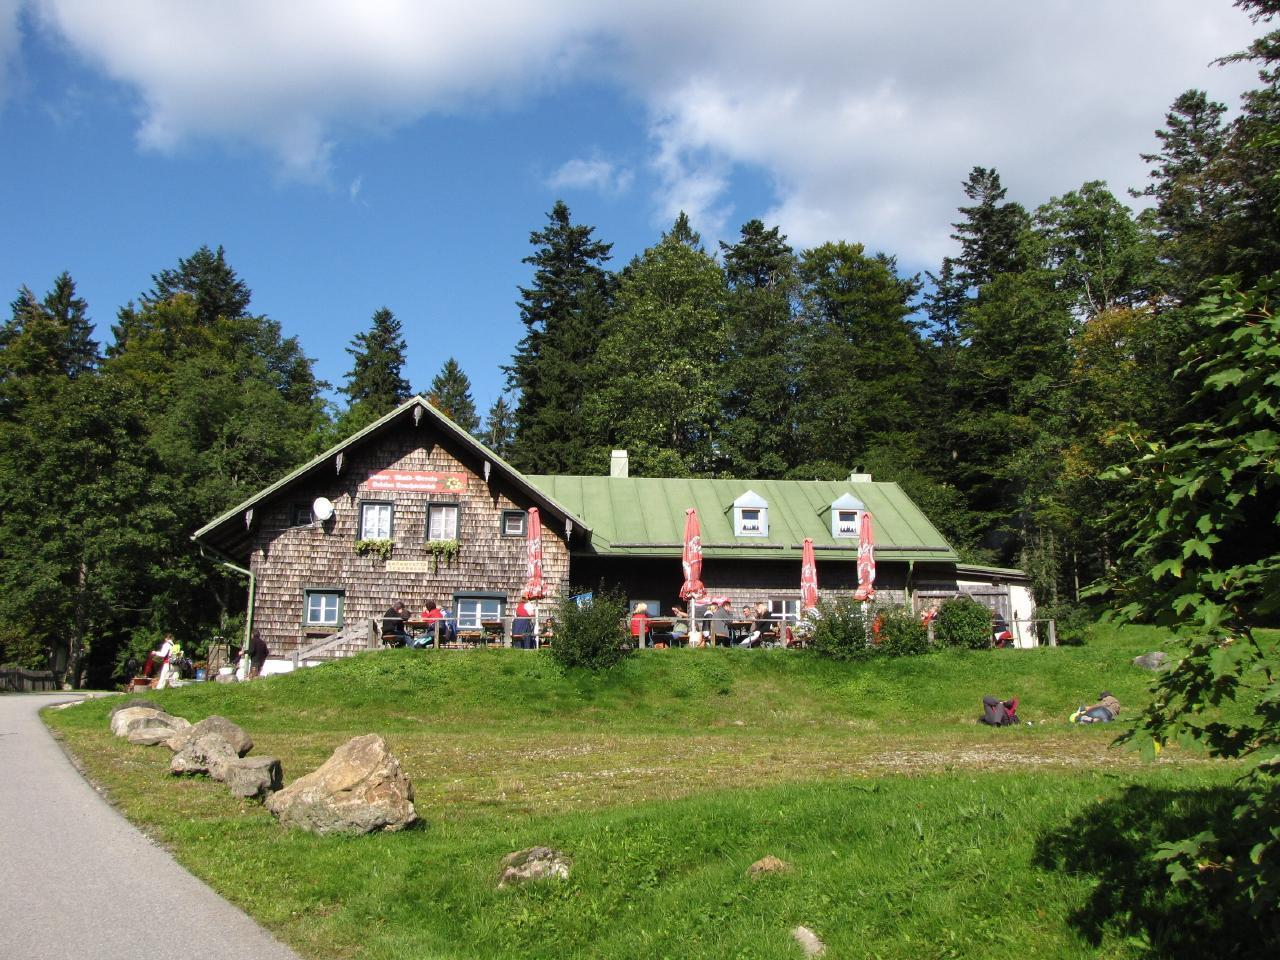 Ferienwohnung bis 6 Pers. (251245), Zandt, Bayerischer Wald, Bayern, Deutschland, Bild 21